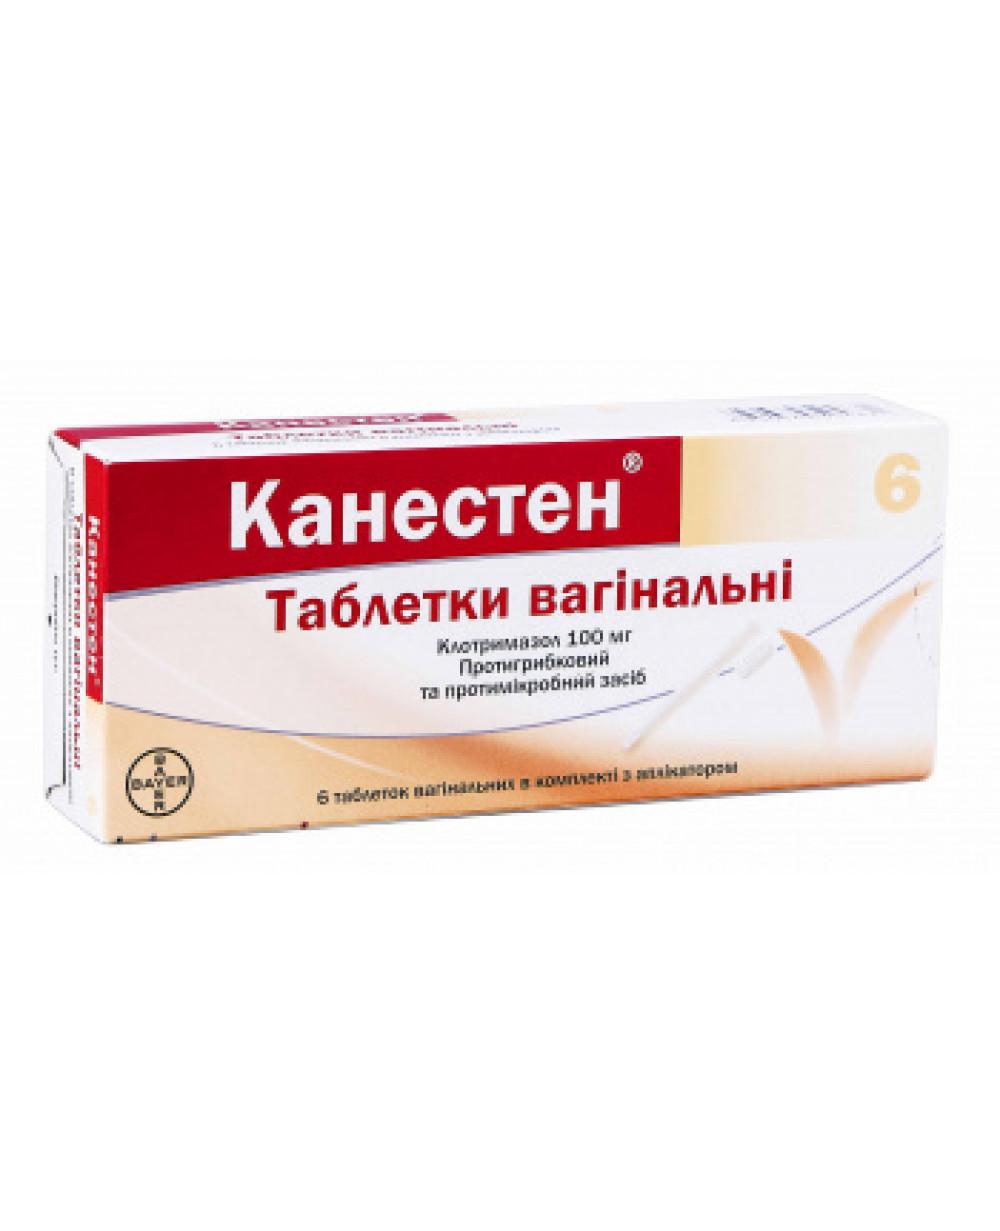 Крем, таблетки, свечи, мазь клотримазол: инструкция по применению, цена, отзывы при беременности - medside.ru